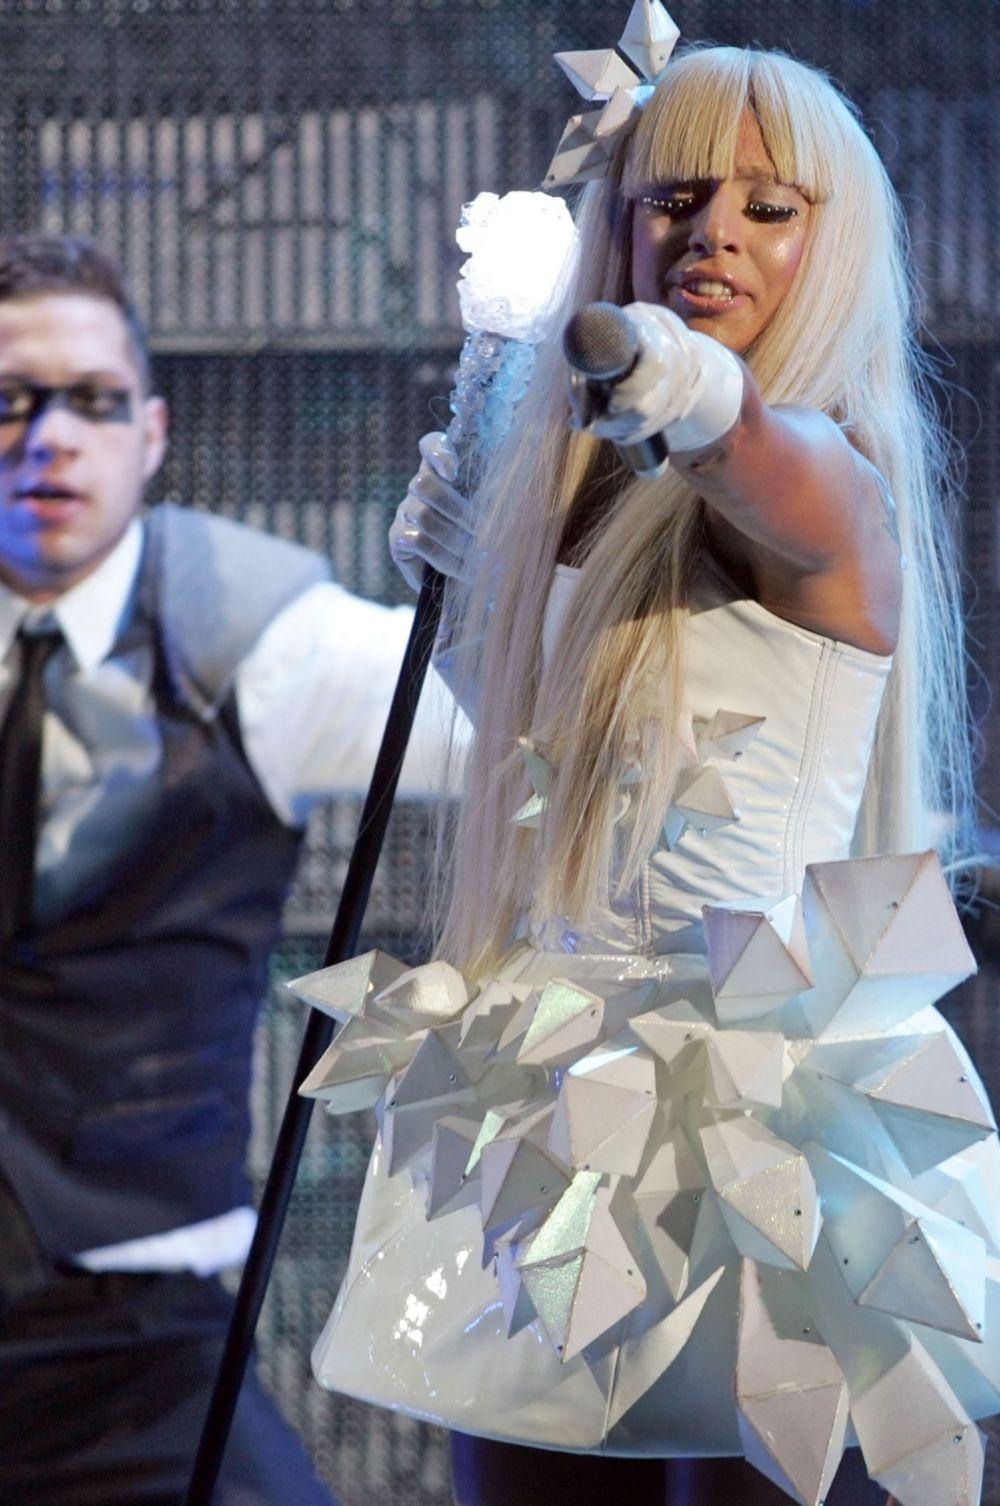 Леди Гага утверждает, что на её стиль оказали влияние Фредди Меркьюри и Дэвид Боуи.